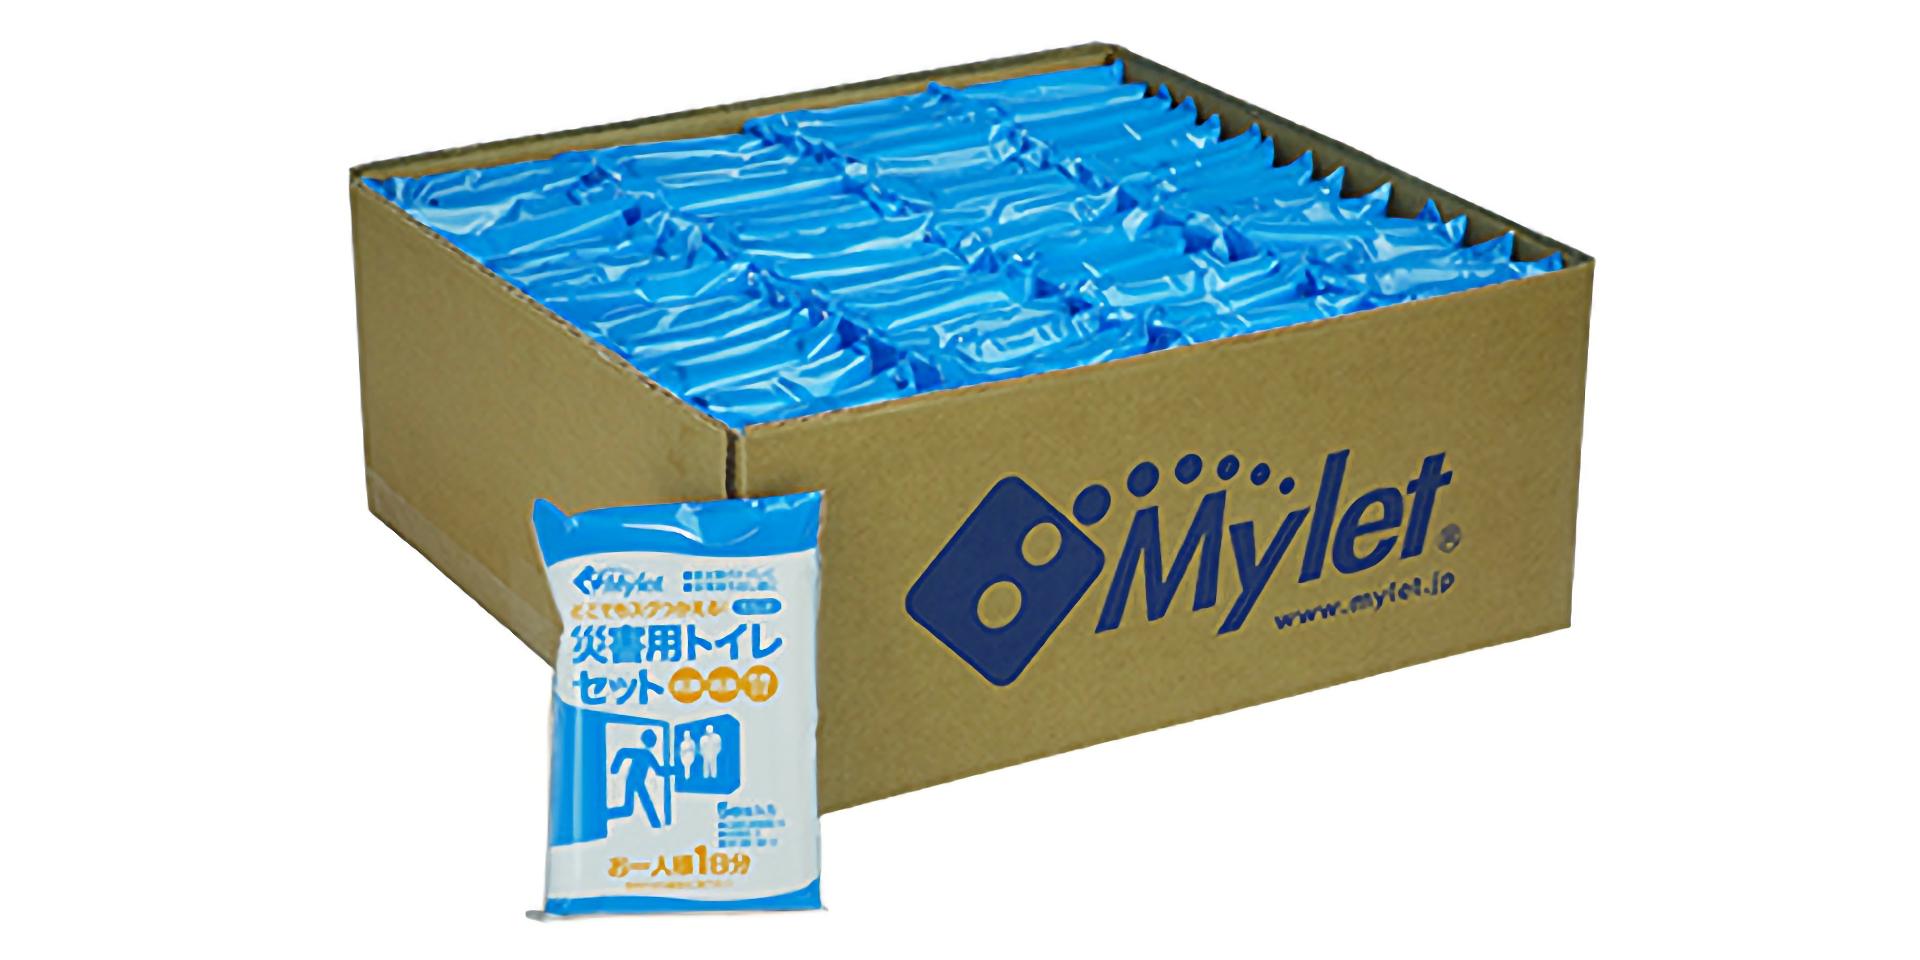 災害トイレ大量配布用「マイレットP-300」トイレ5回分の小分けパック60個入り